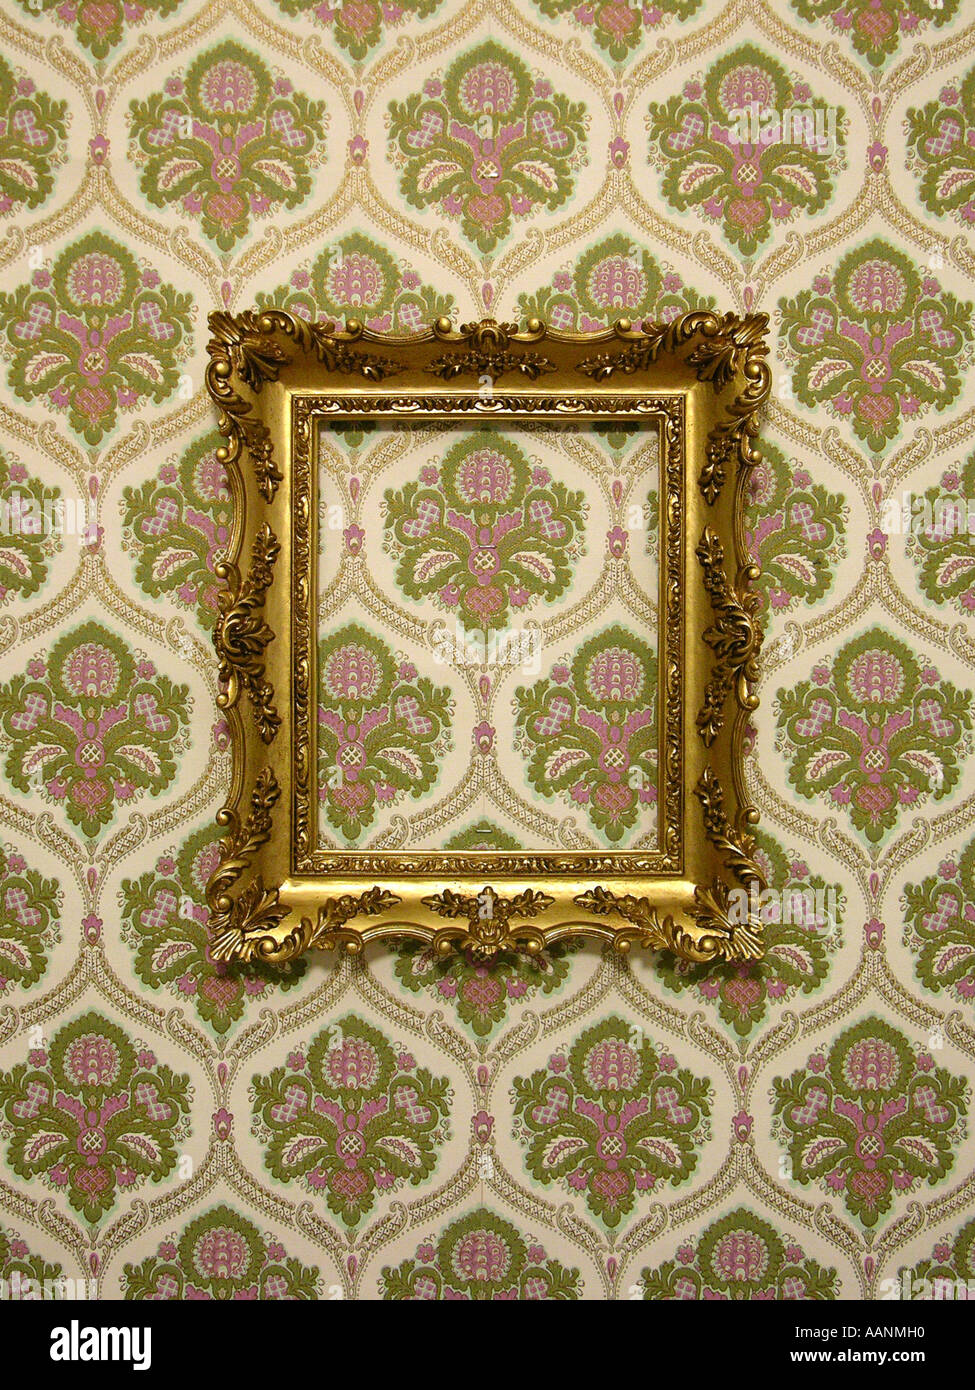 Goldenen Kunststoff Rahmen auf eine altmodische Tapete Stockfoto ...